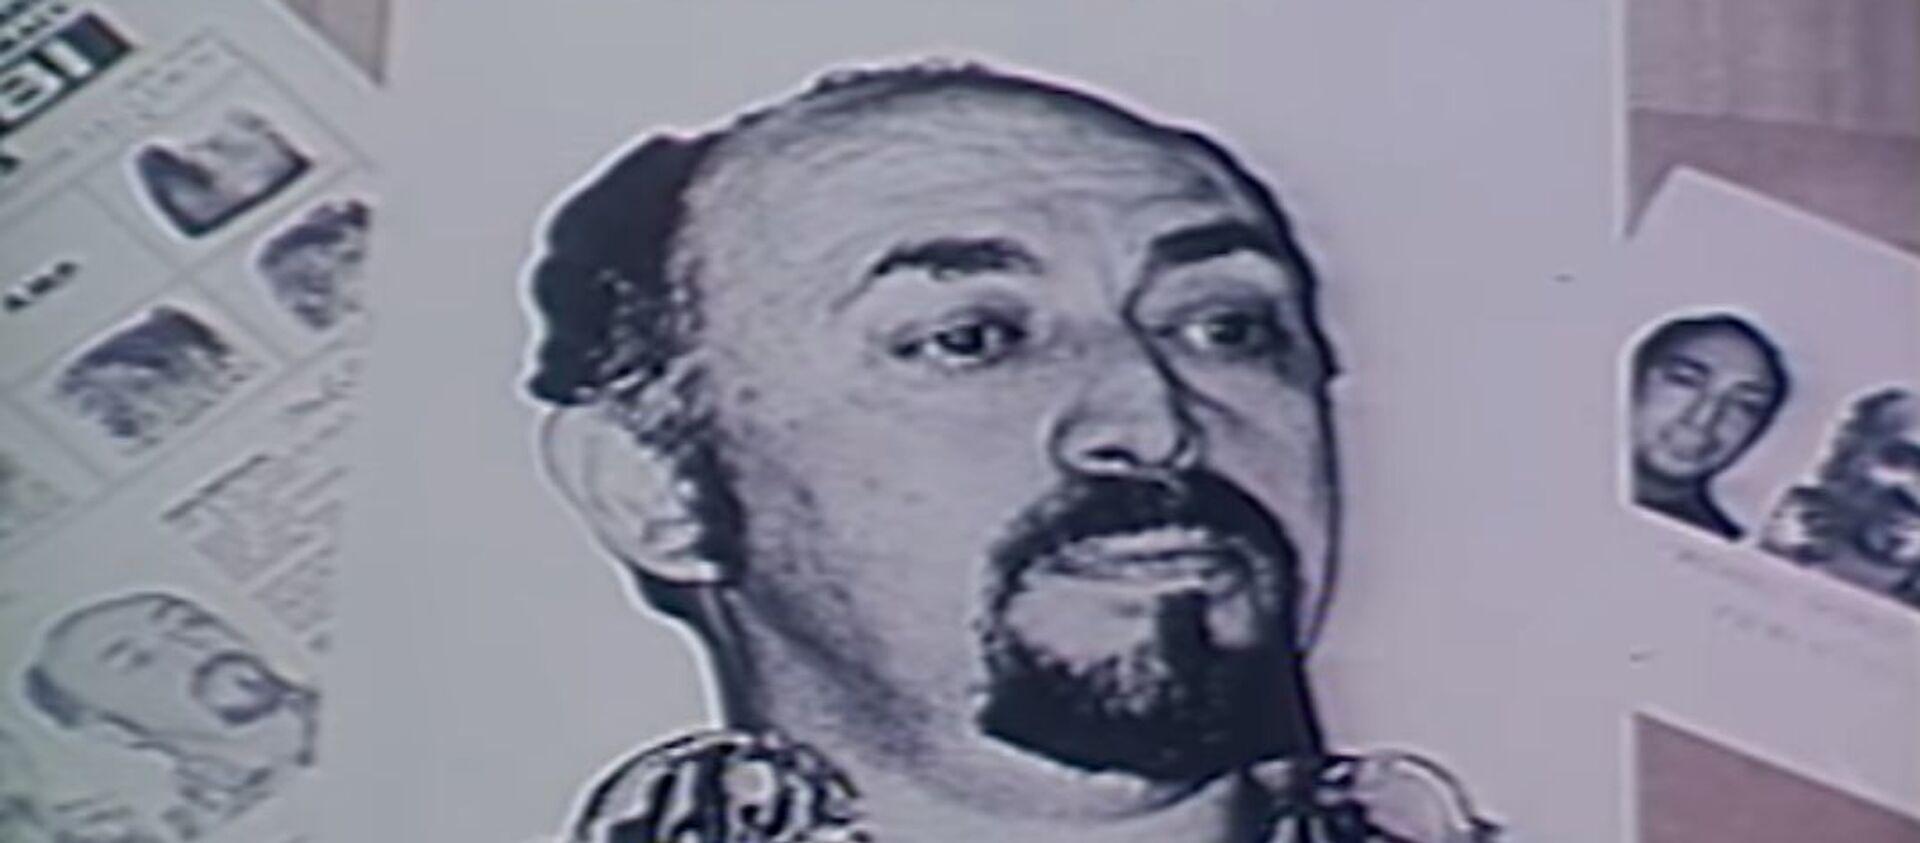 Ο Μάικλ Θέβις, πολυεκατομμυριούχος και επιχειρηματίας στη βιομηχανία της πορνογραφίας - Sputnik Ελλάδα, 1920, 29.11.2020